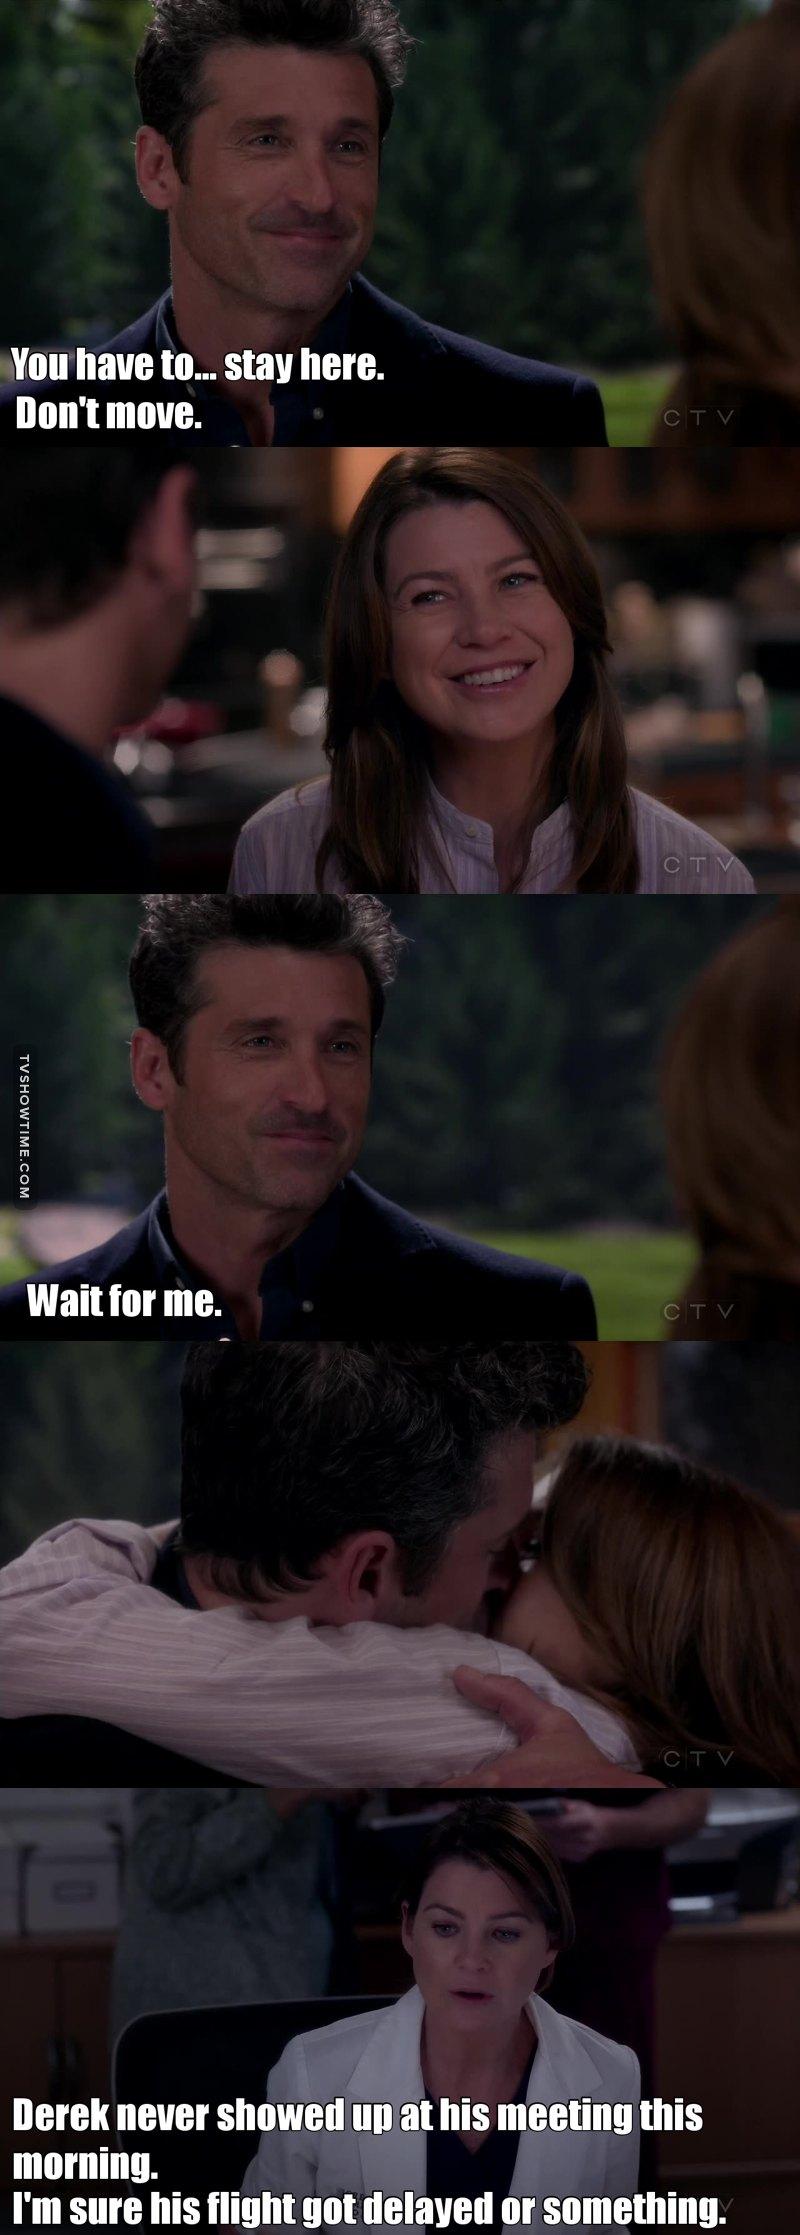 Oh Meredith, dopo tutto quello che è successo nella tua vita come fai ad essere così positiva su certe situazioni?...   Si Shonda, ho percepito il messaggio, mi preparo i fazzoletti...